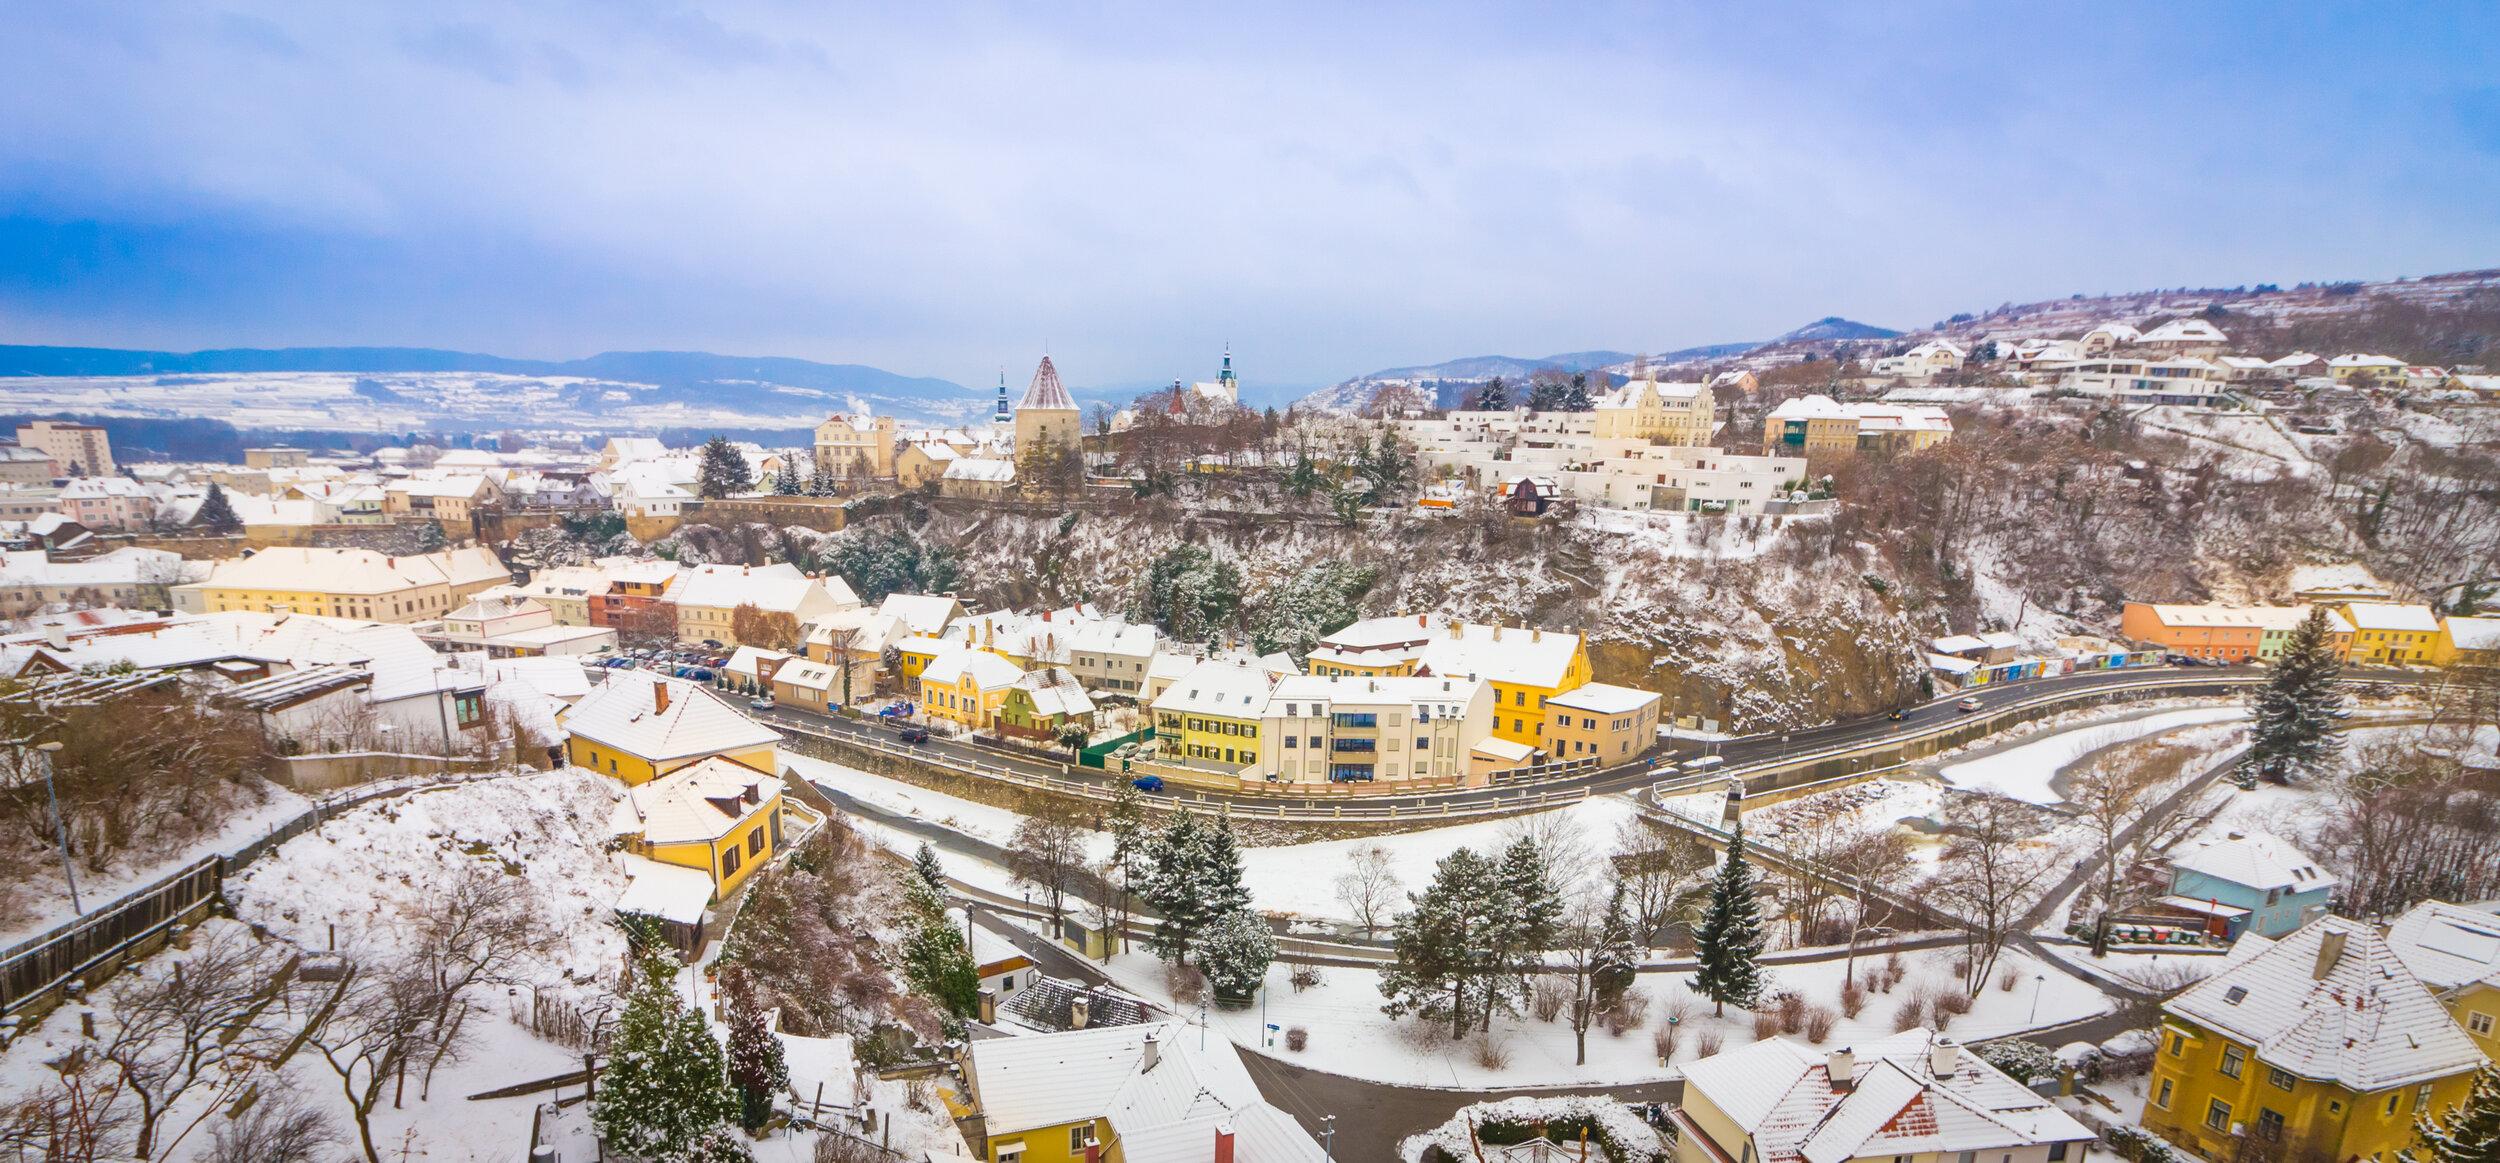 Winter panorama of Krems, Austria